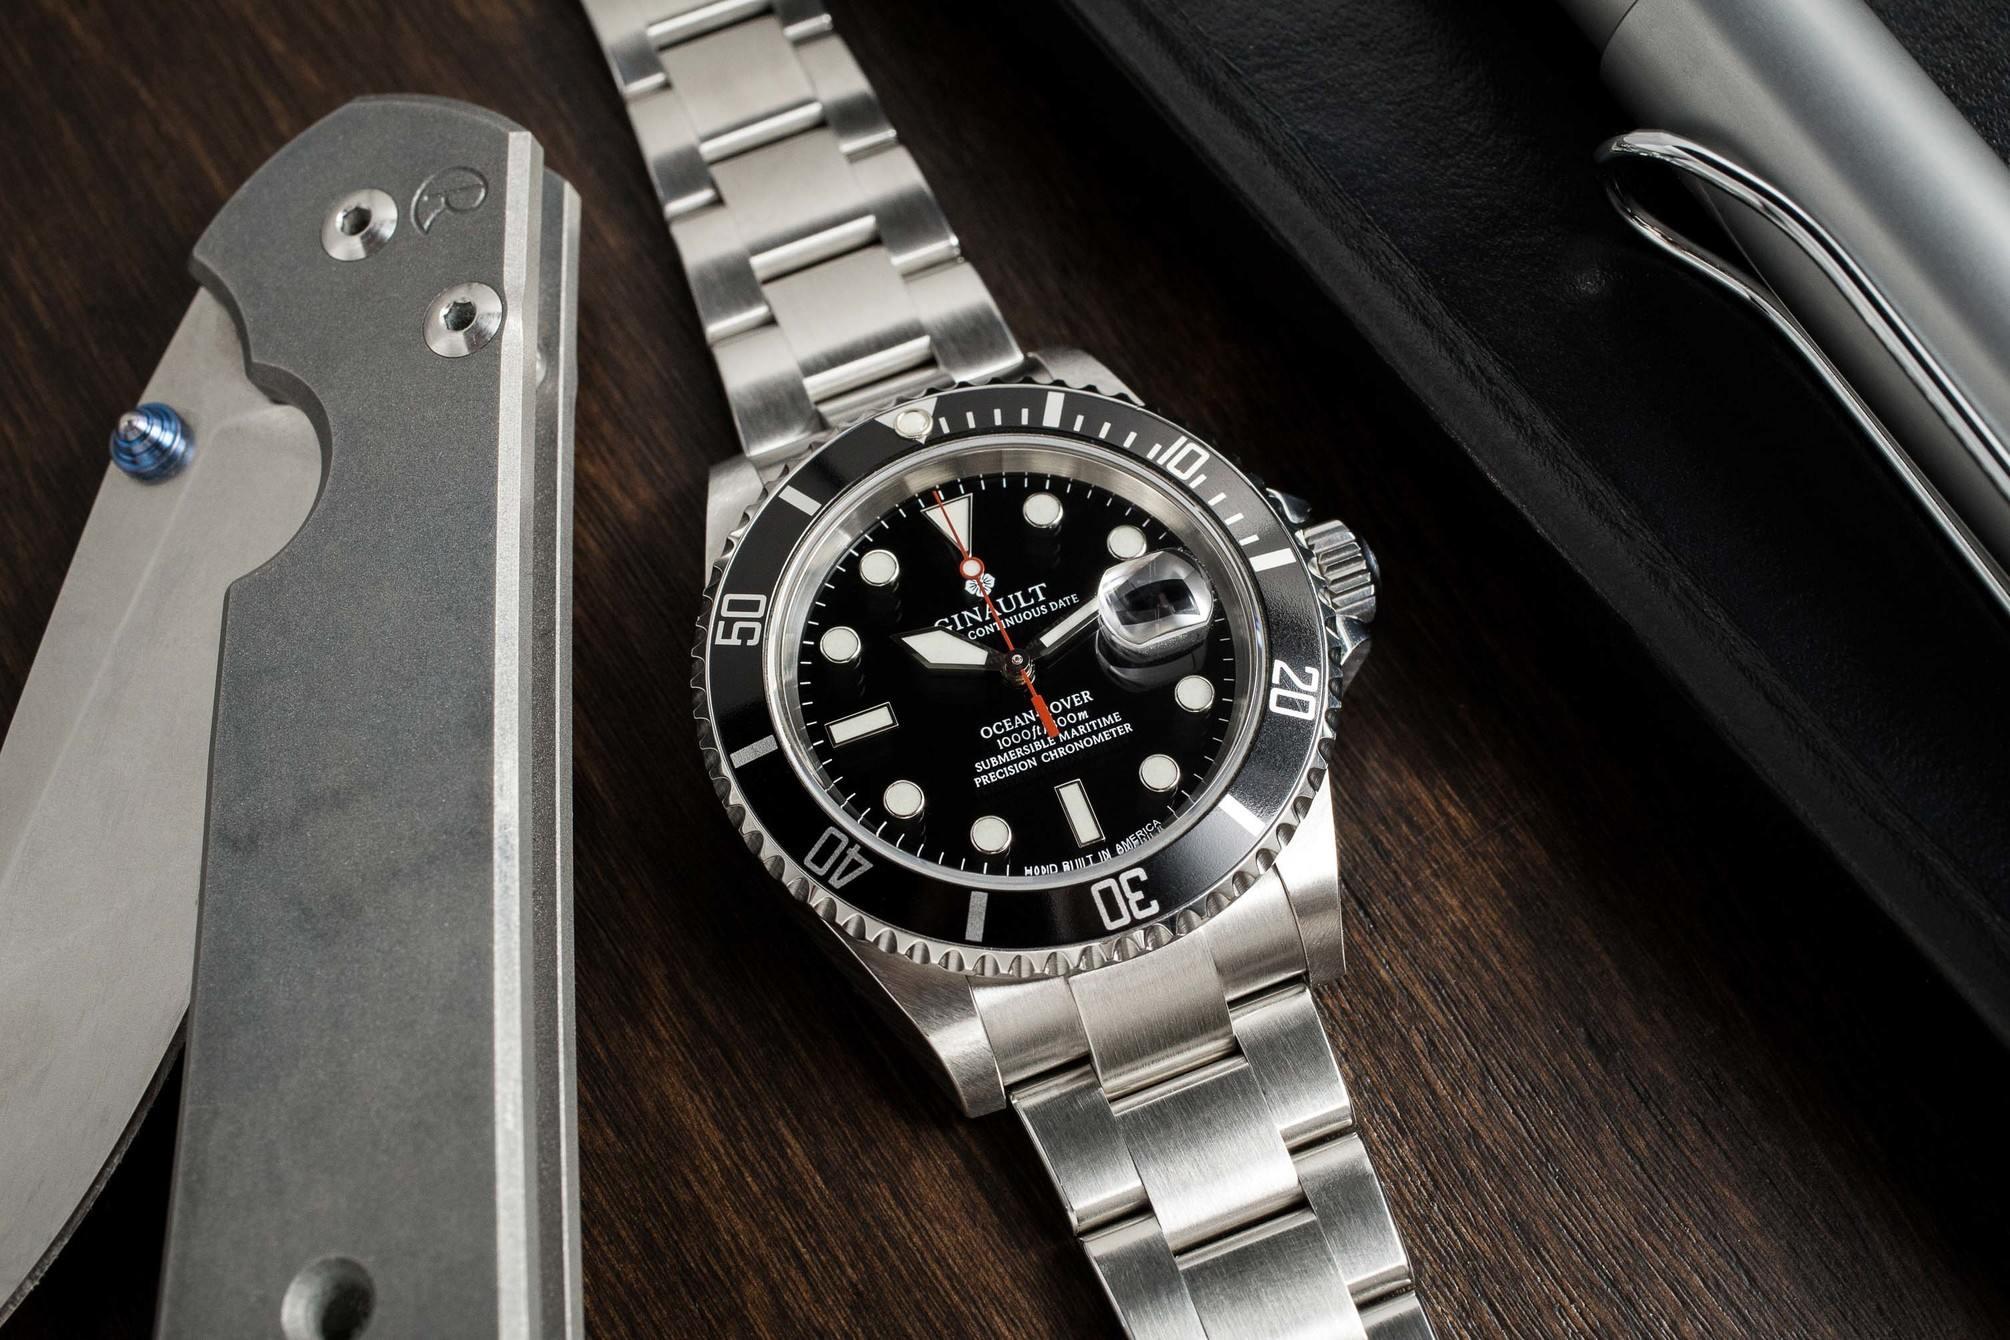 Ocean Rover dive watch